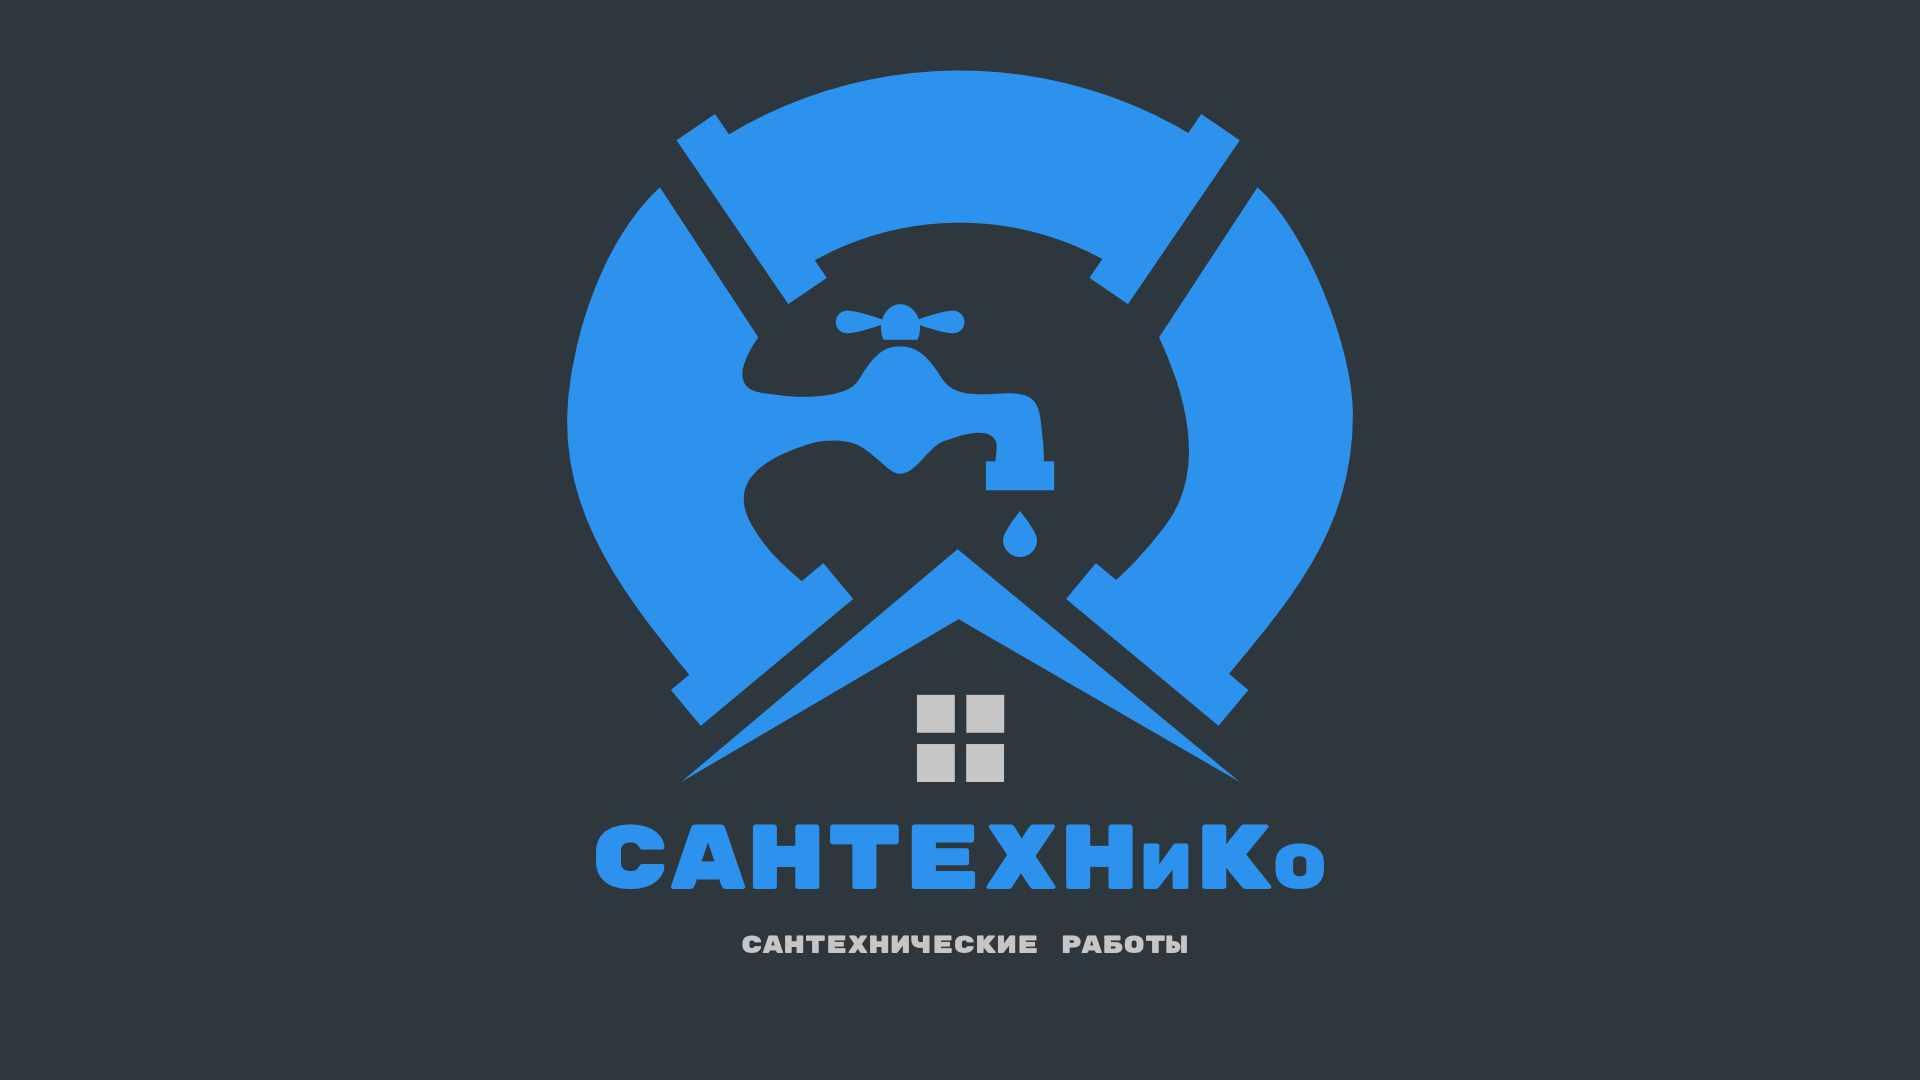 Логотип для компании, занимающейся сантехническими работами